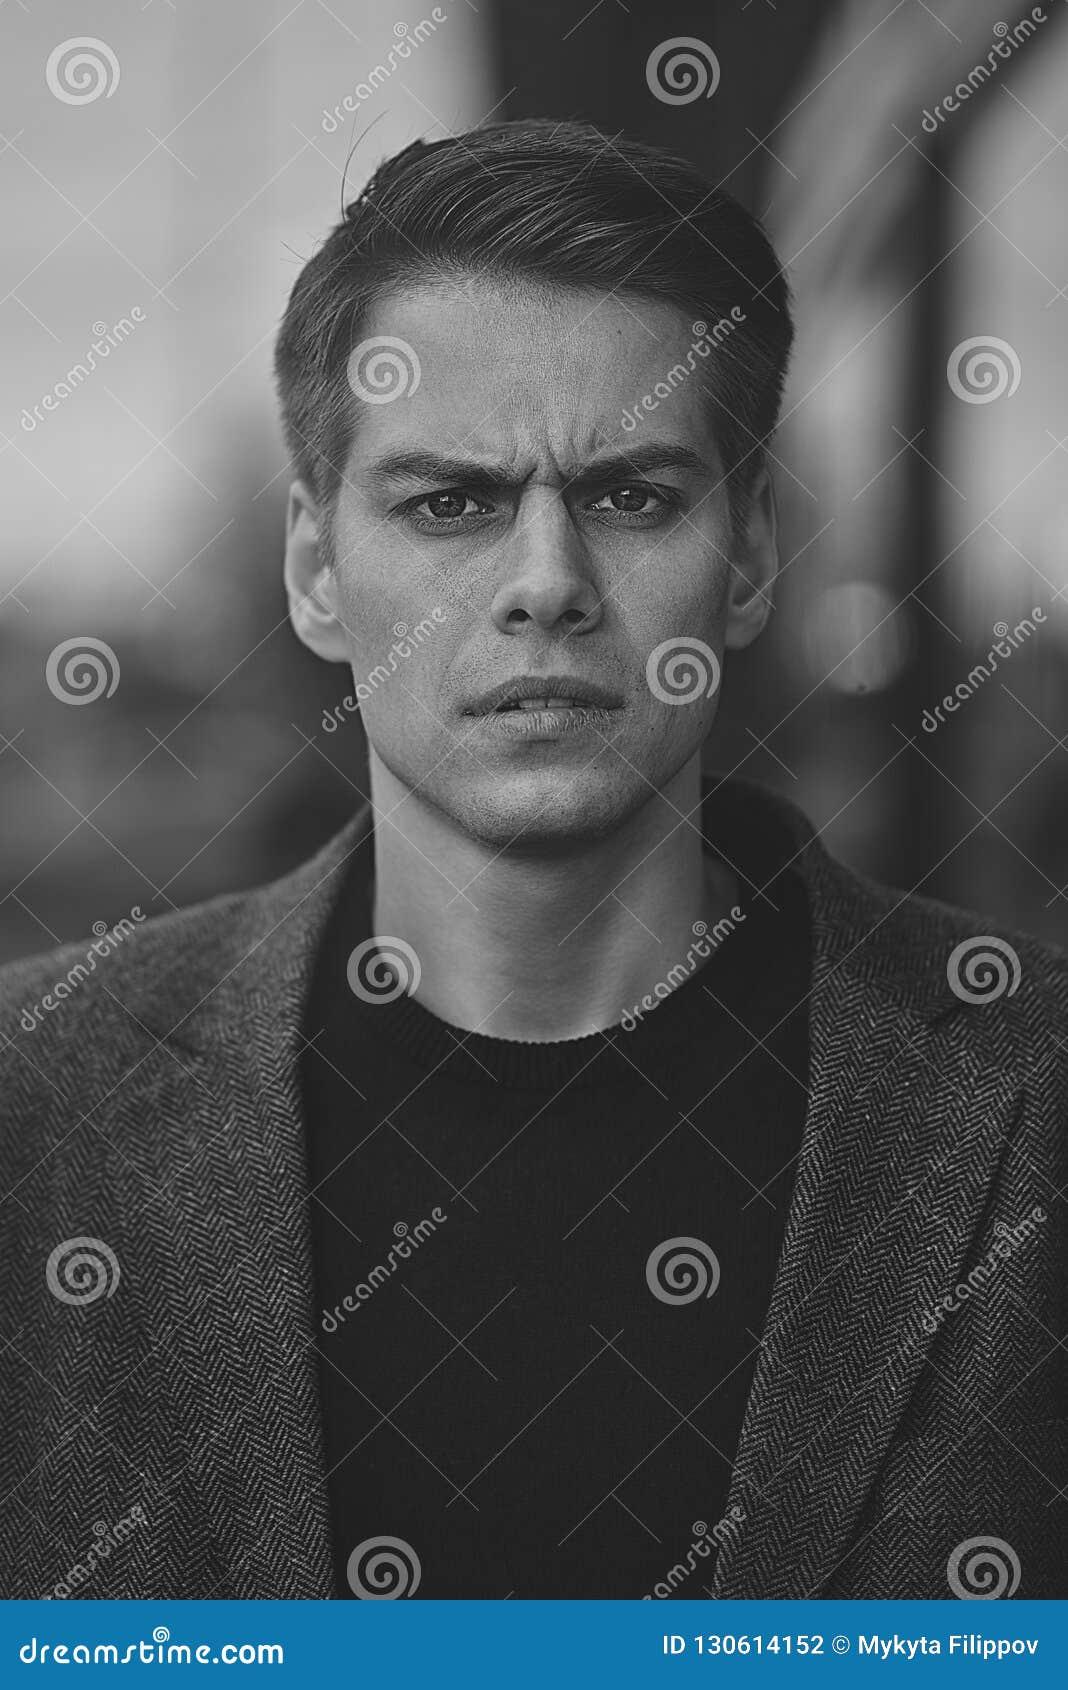 photos de profil de site Web de rencontres russes